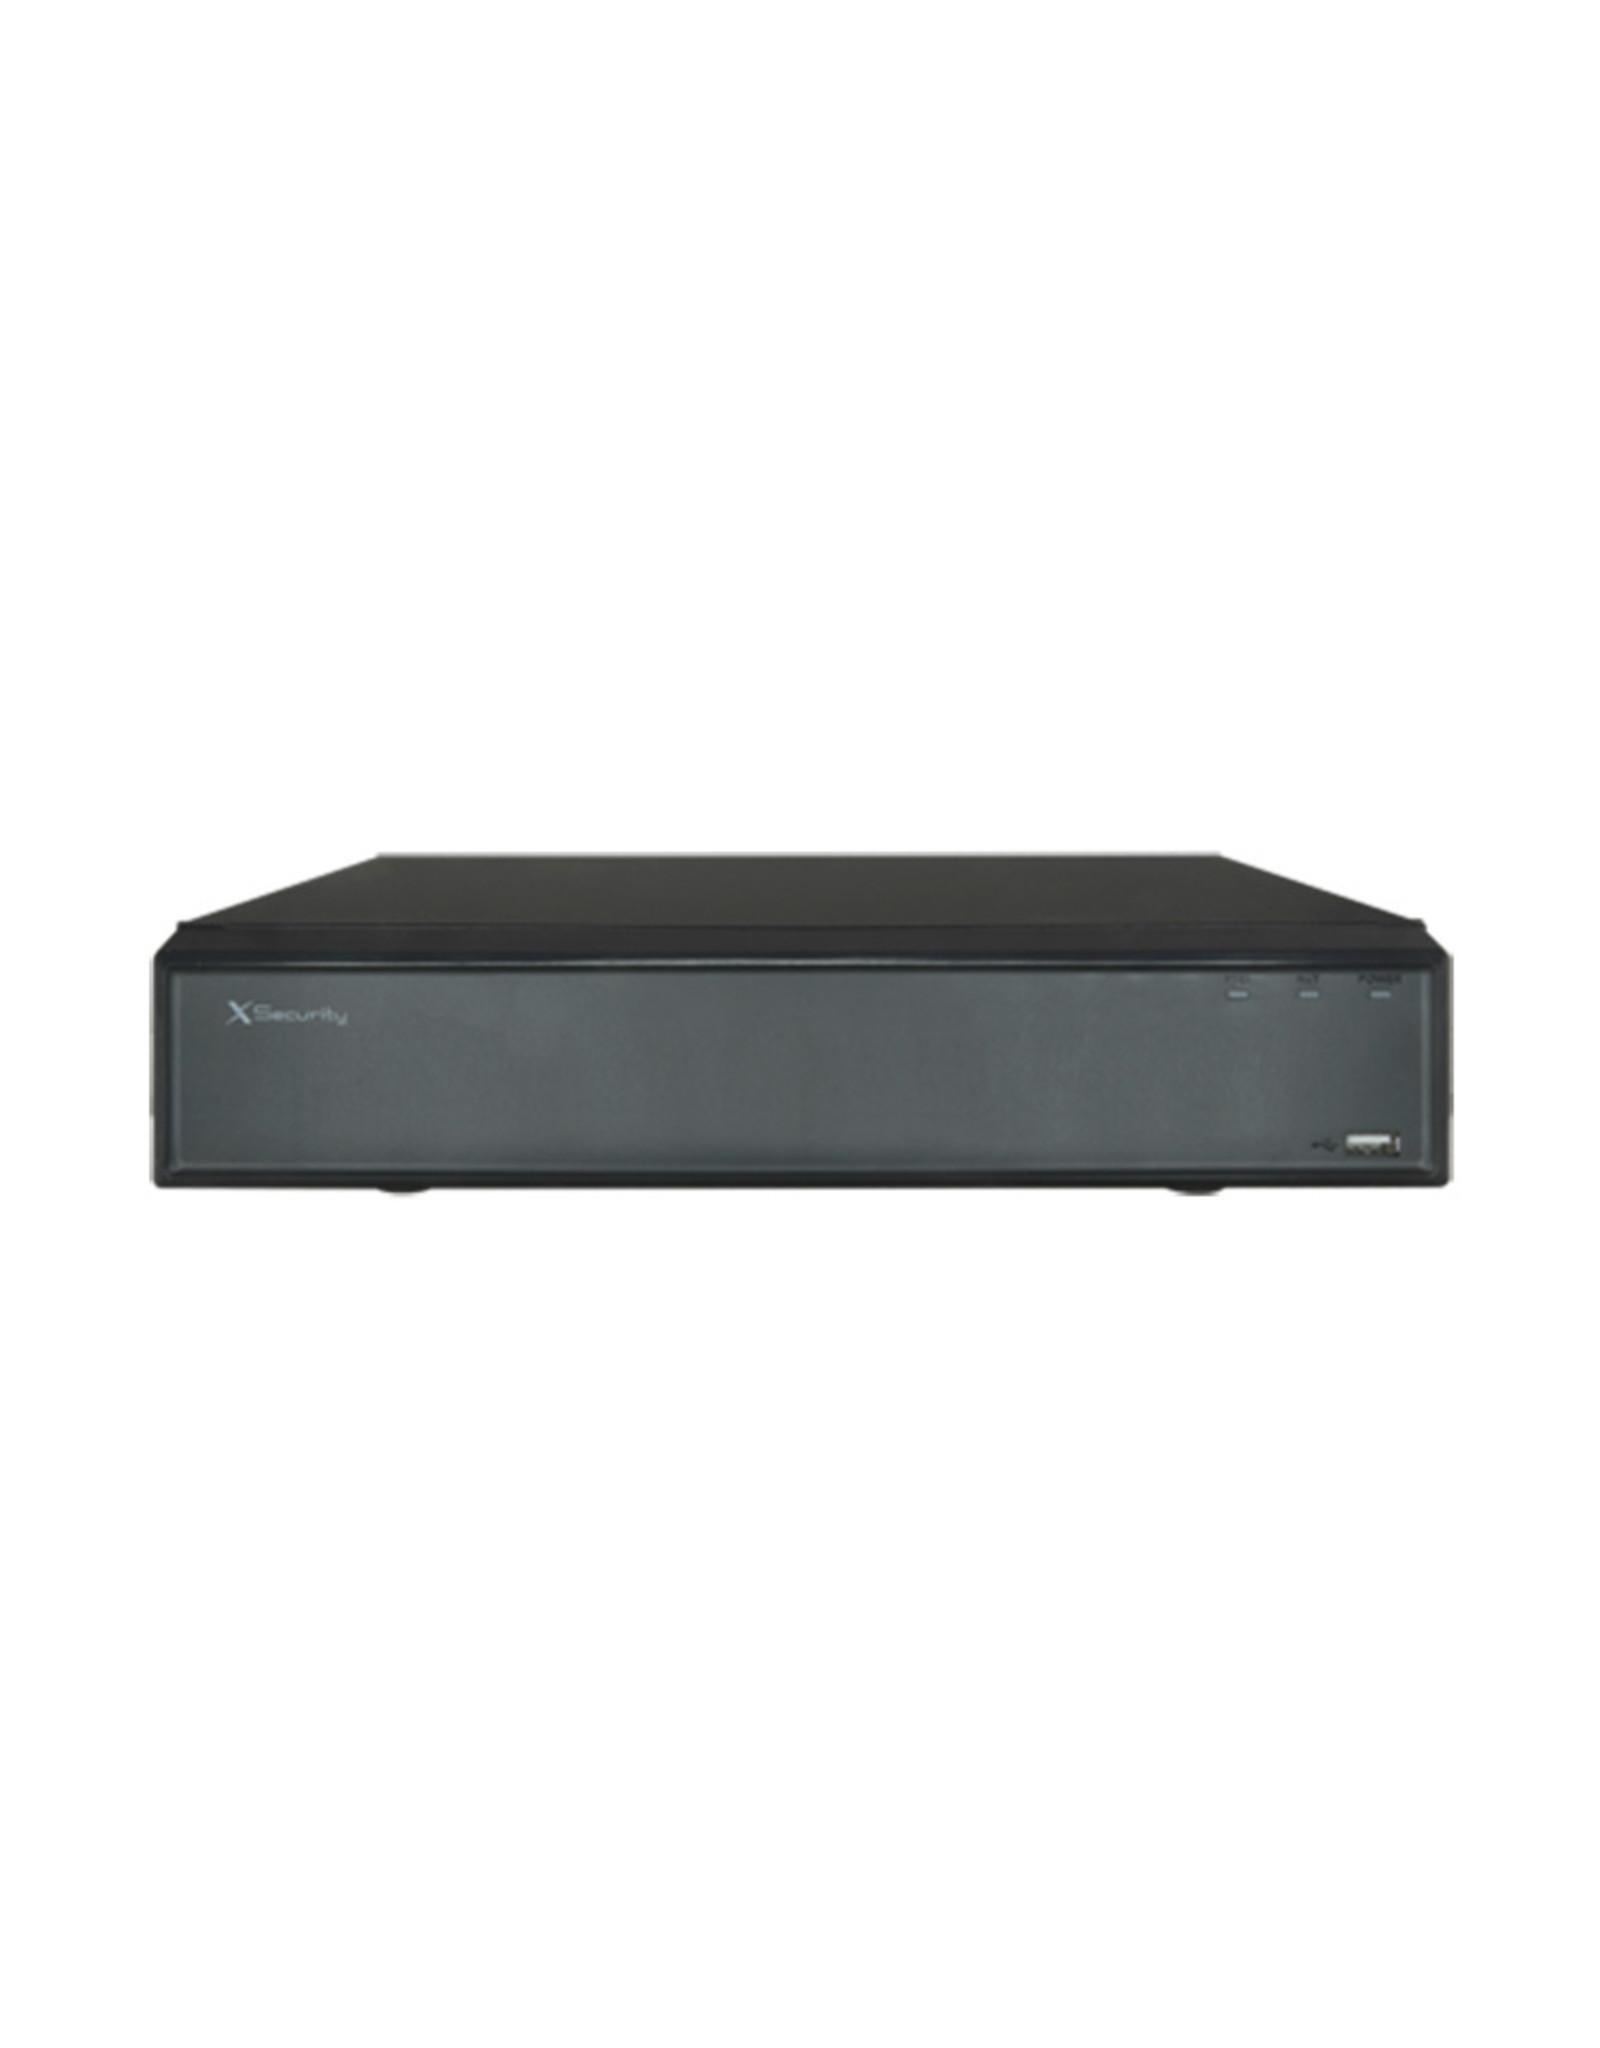 X-Security X-Security XS-NVR2108-4K8P